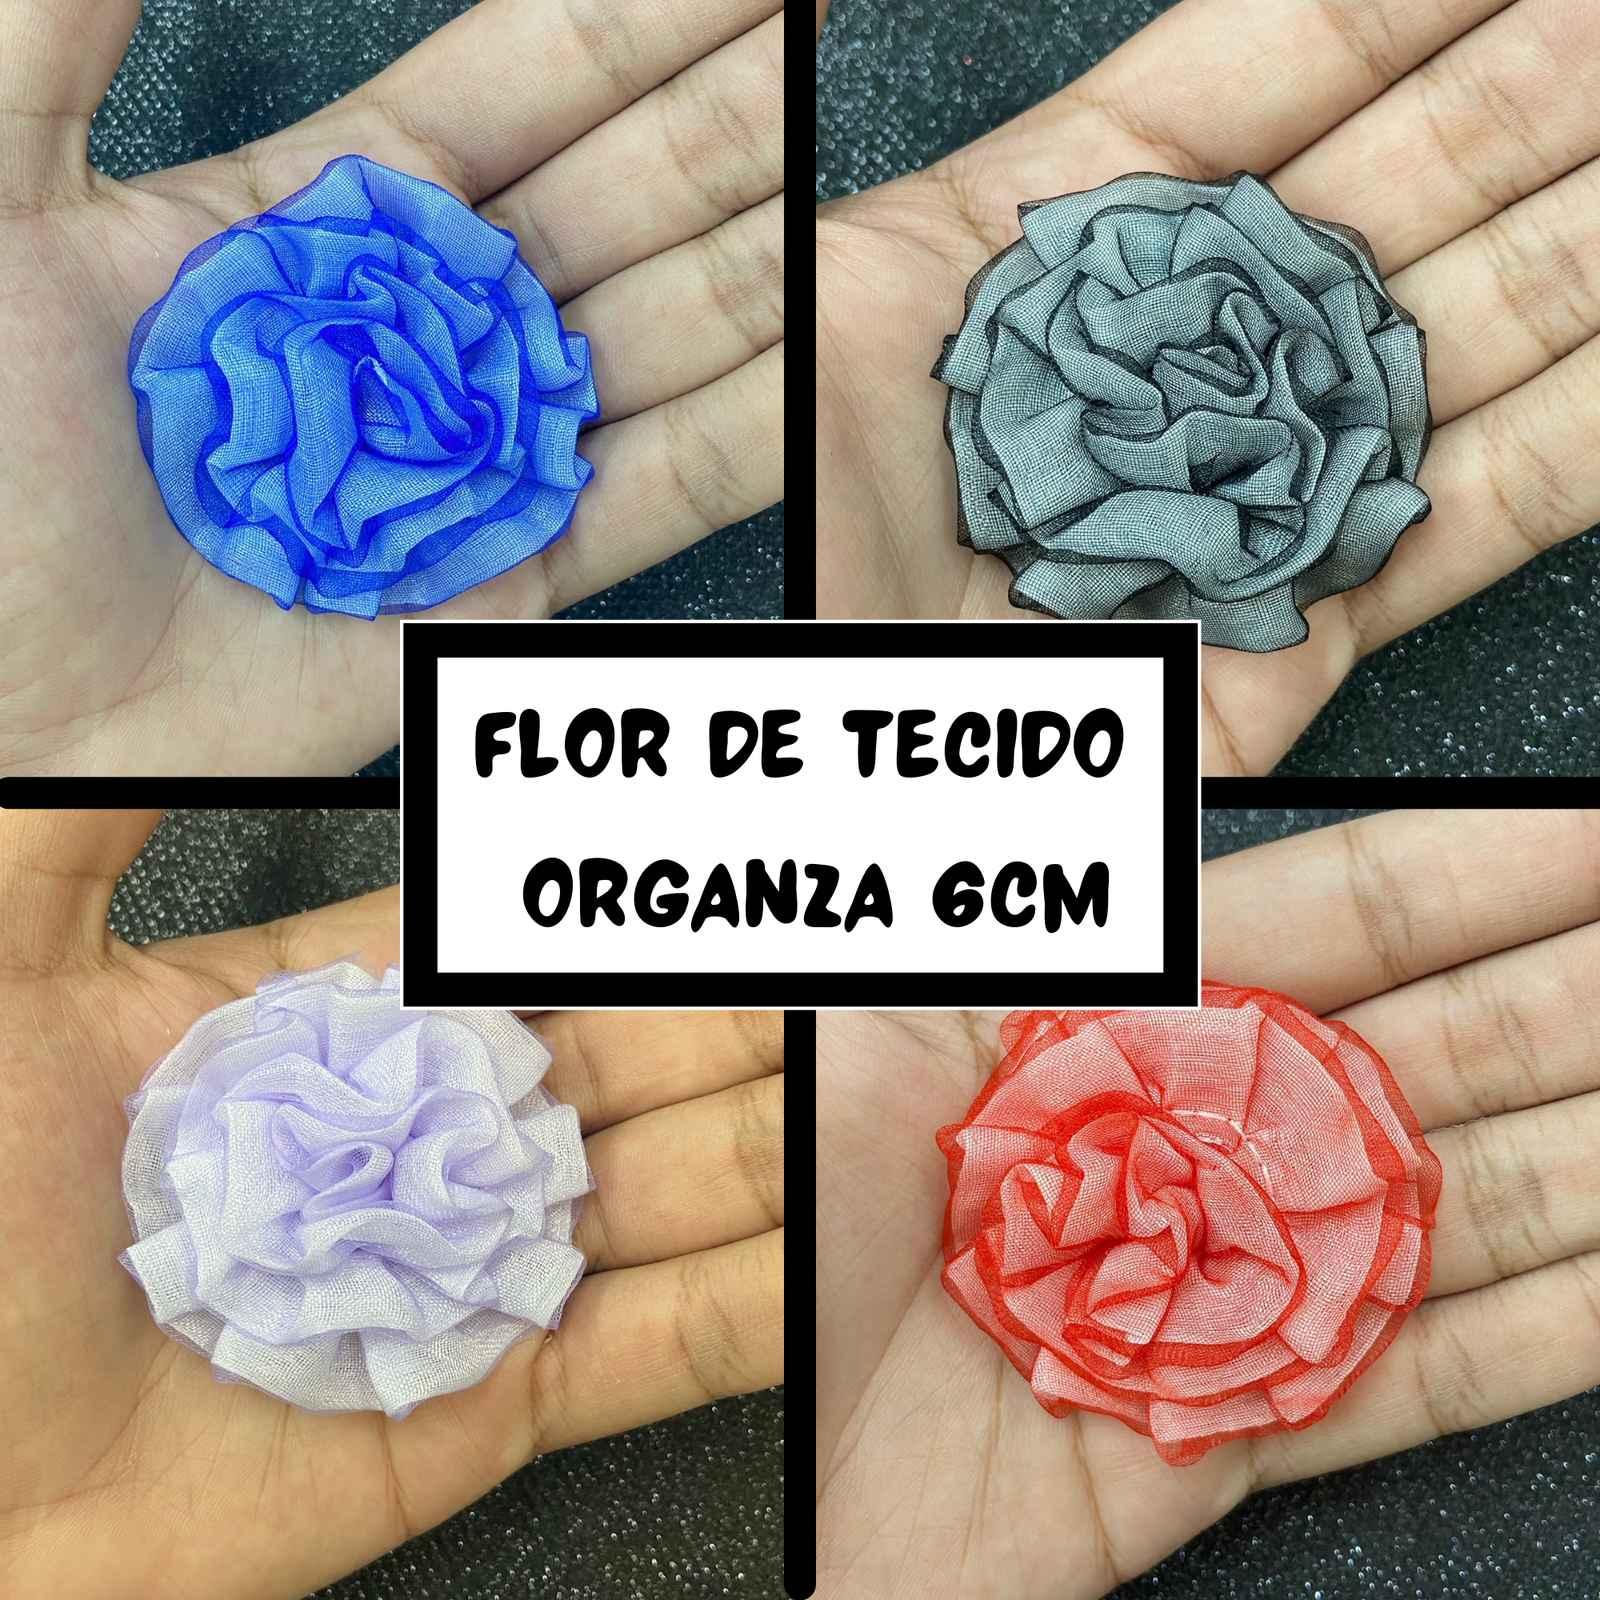 Flor de Tecido Organza 6,0cm - 2 unidades